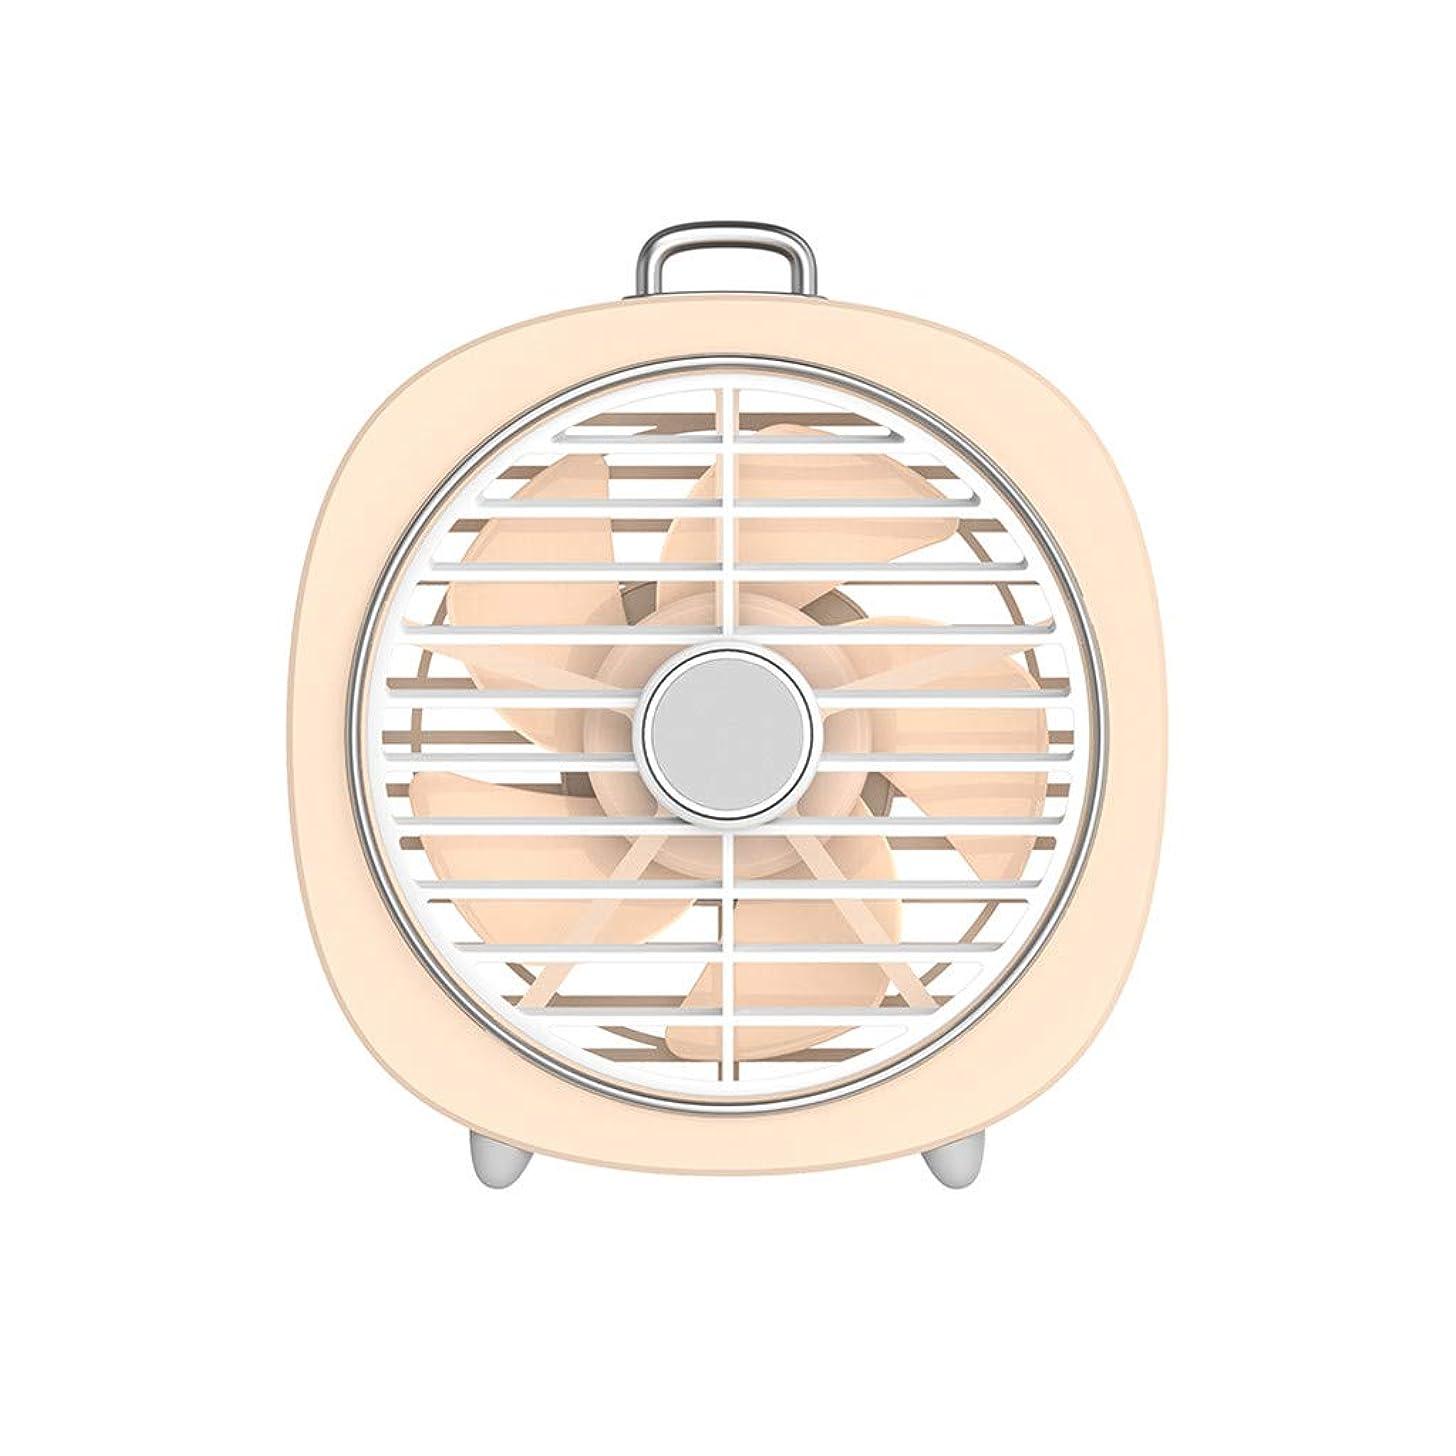 Aobiny Fan,Mini Desktop Rotating Fan LED Night Light USB Rechargeable Silent 3-Speed Wind